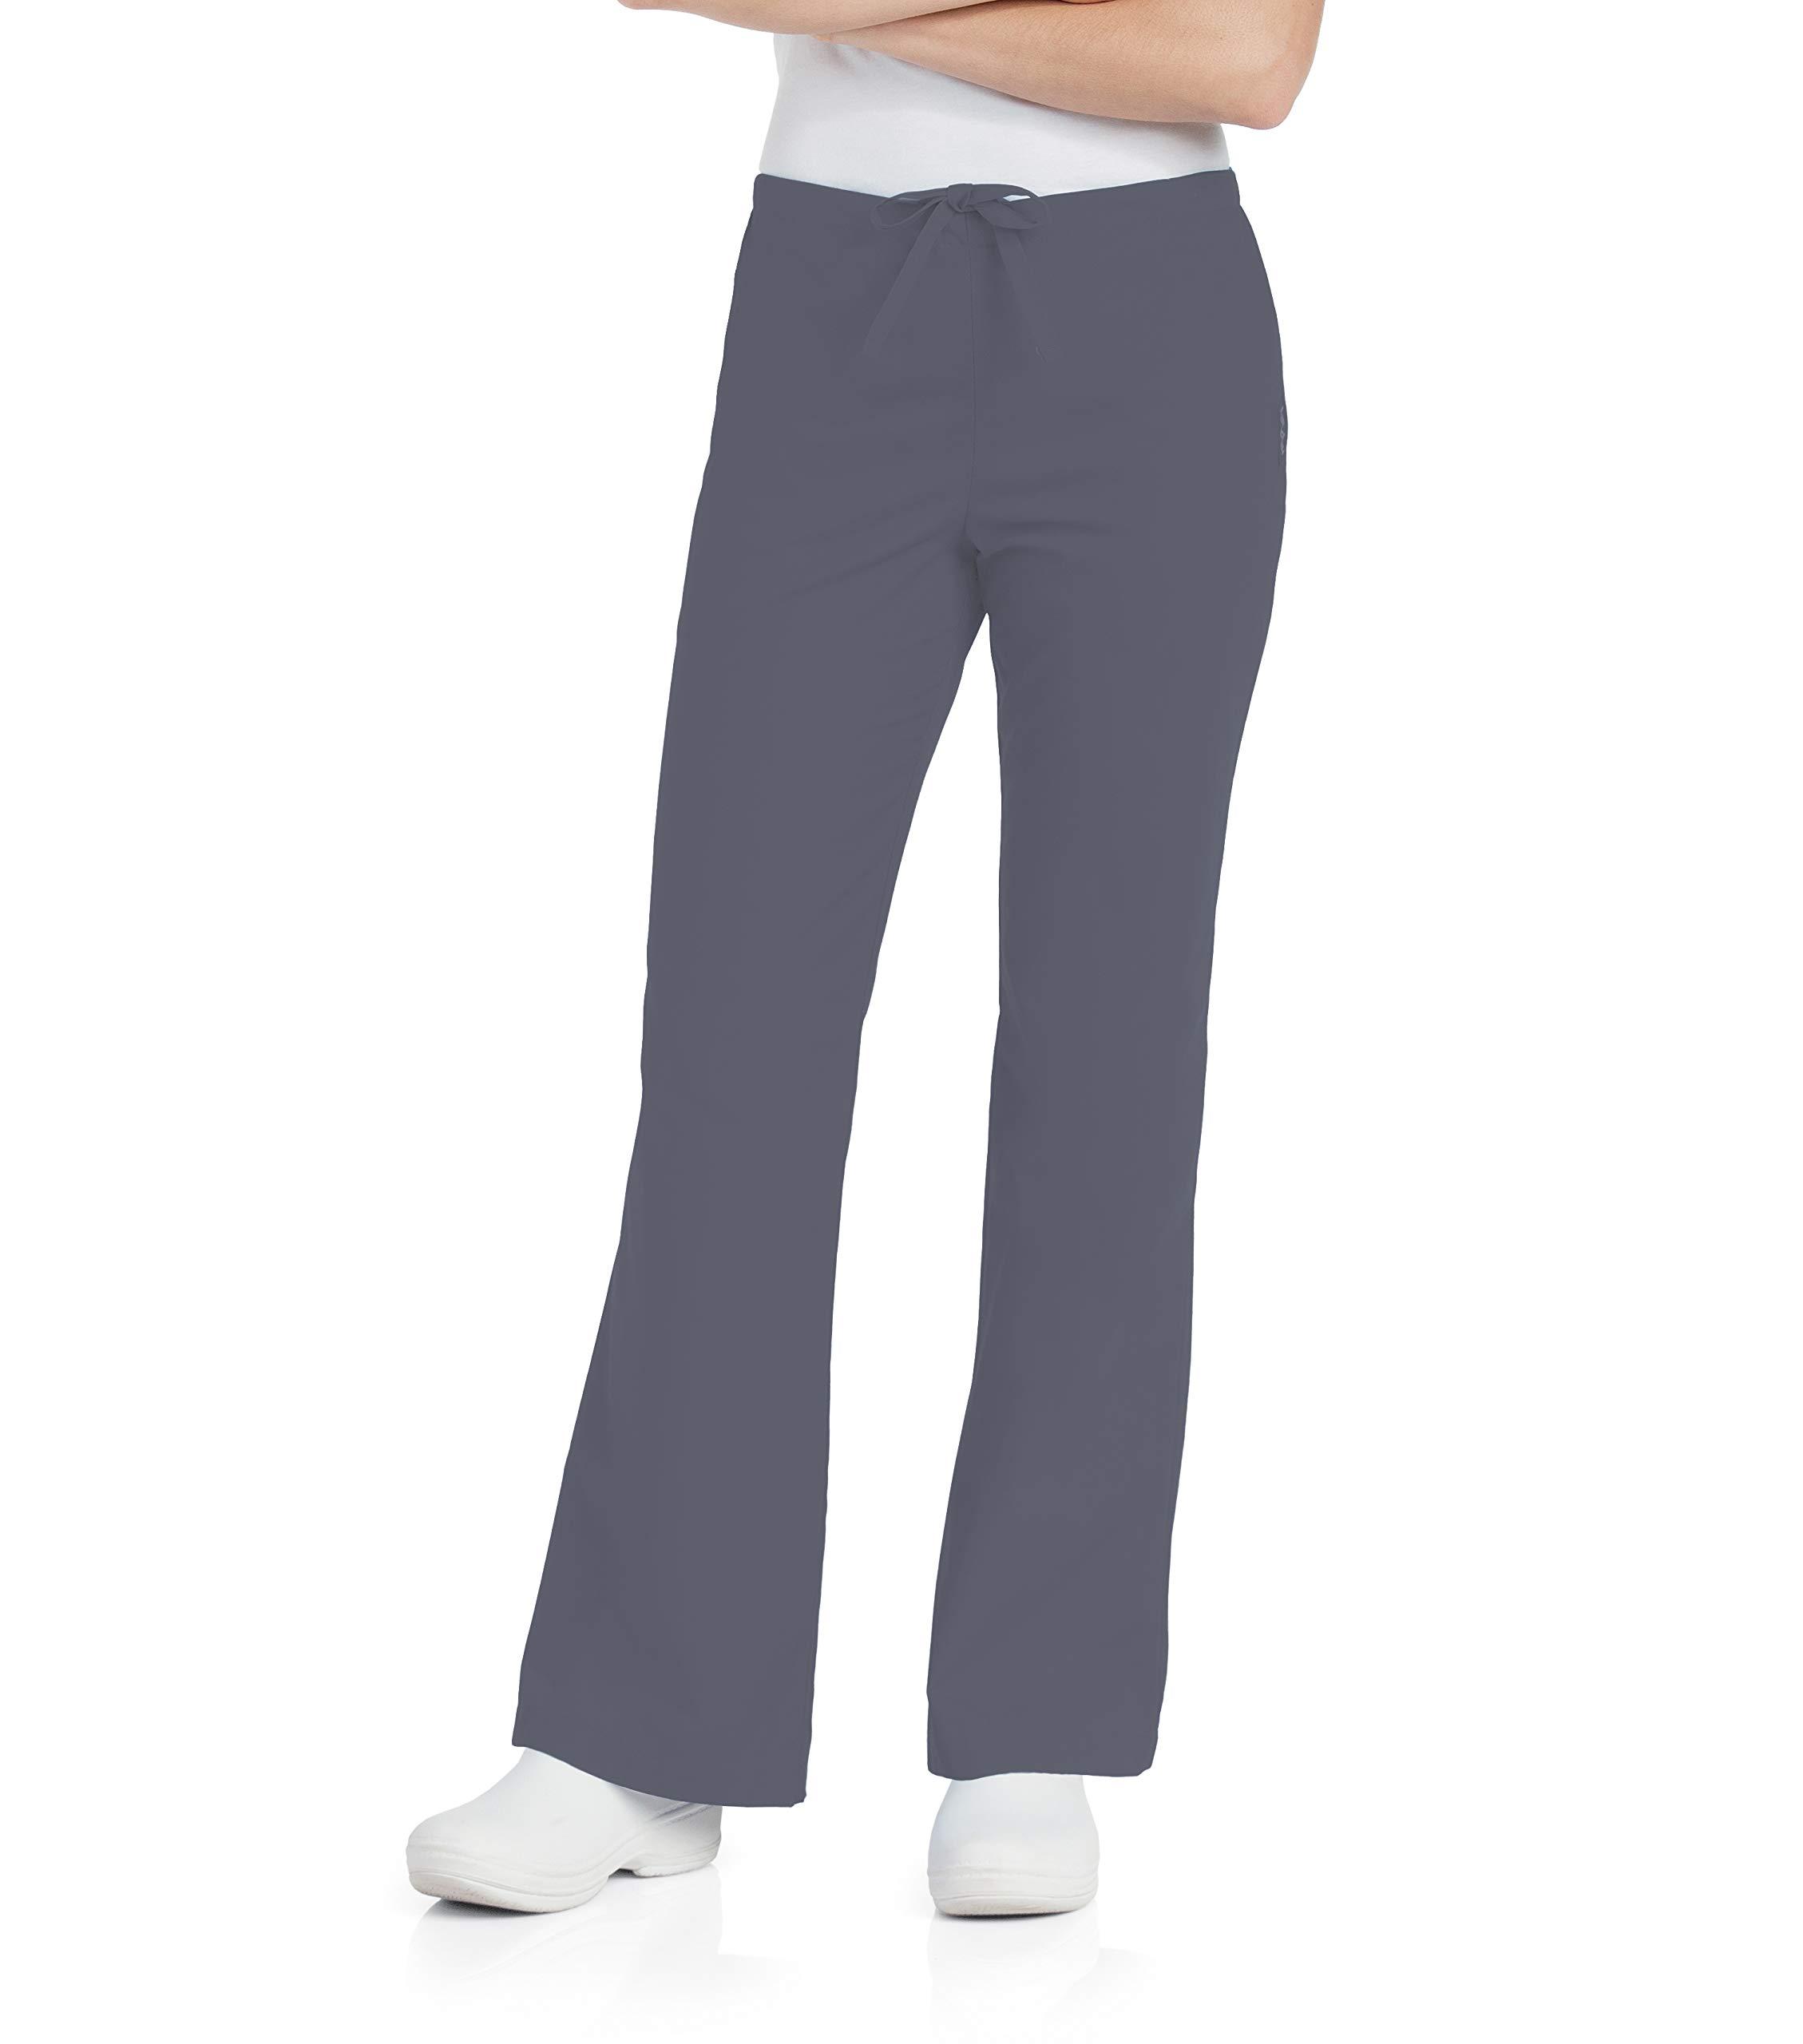 Landau Women's Natural Flare Scrub Leg Pant, Steel Grey/Steel Grey, Large Petite